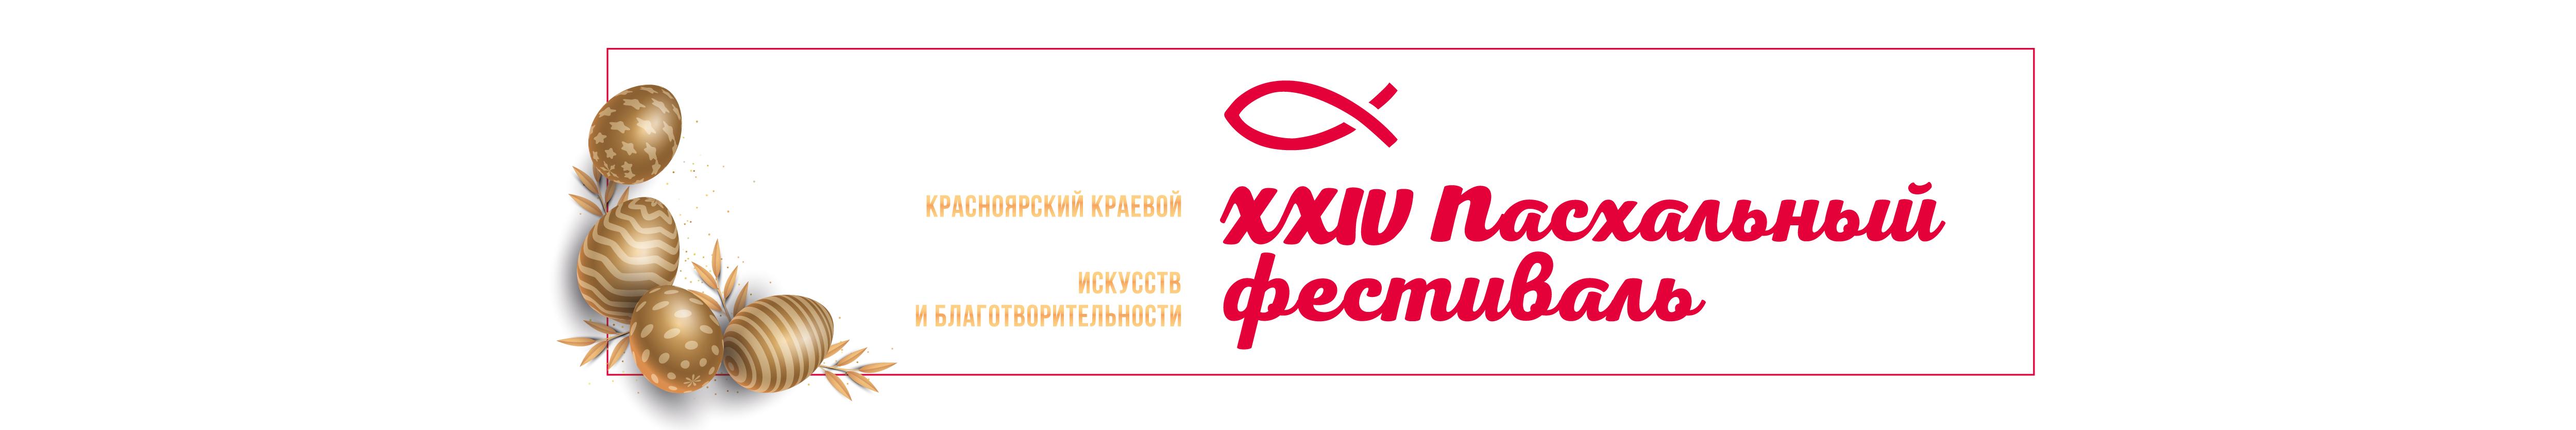 XXIV Красноярский краевой Пасхальный фестиваль искусств и благотворительности